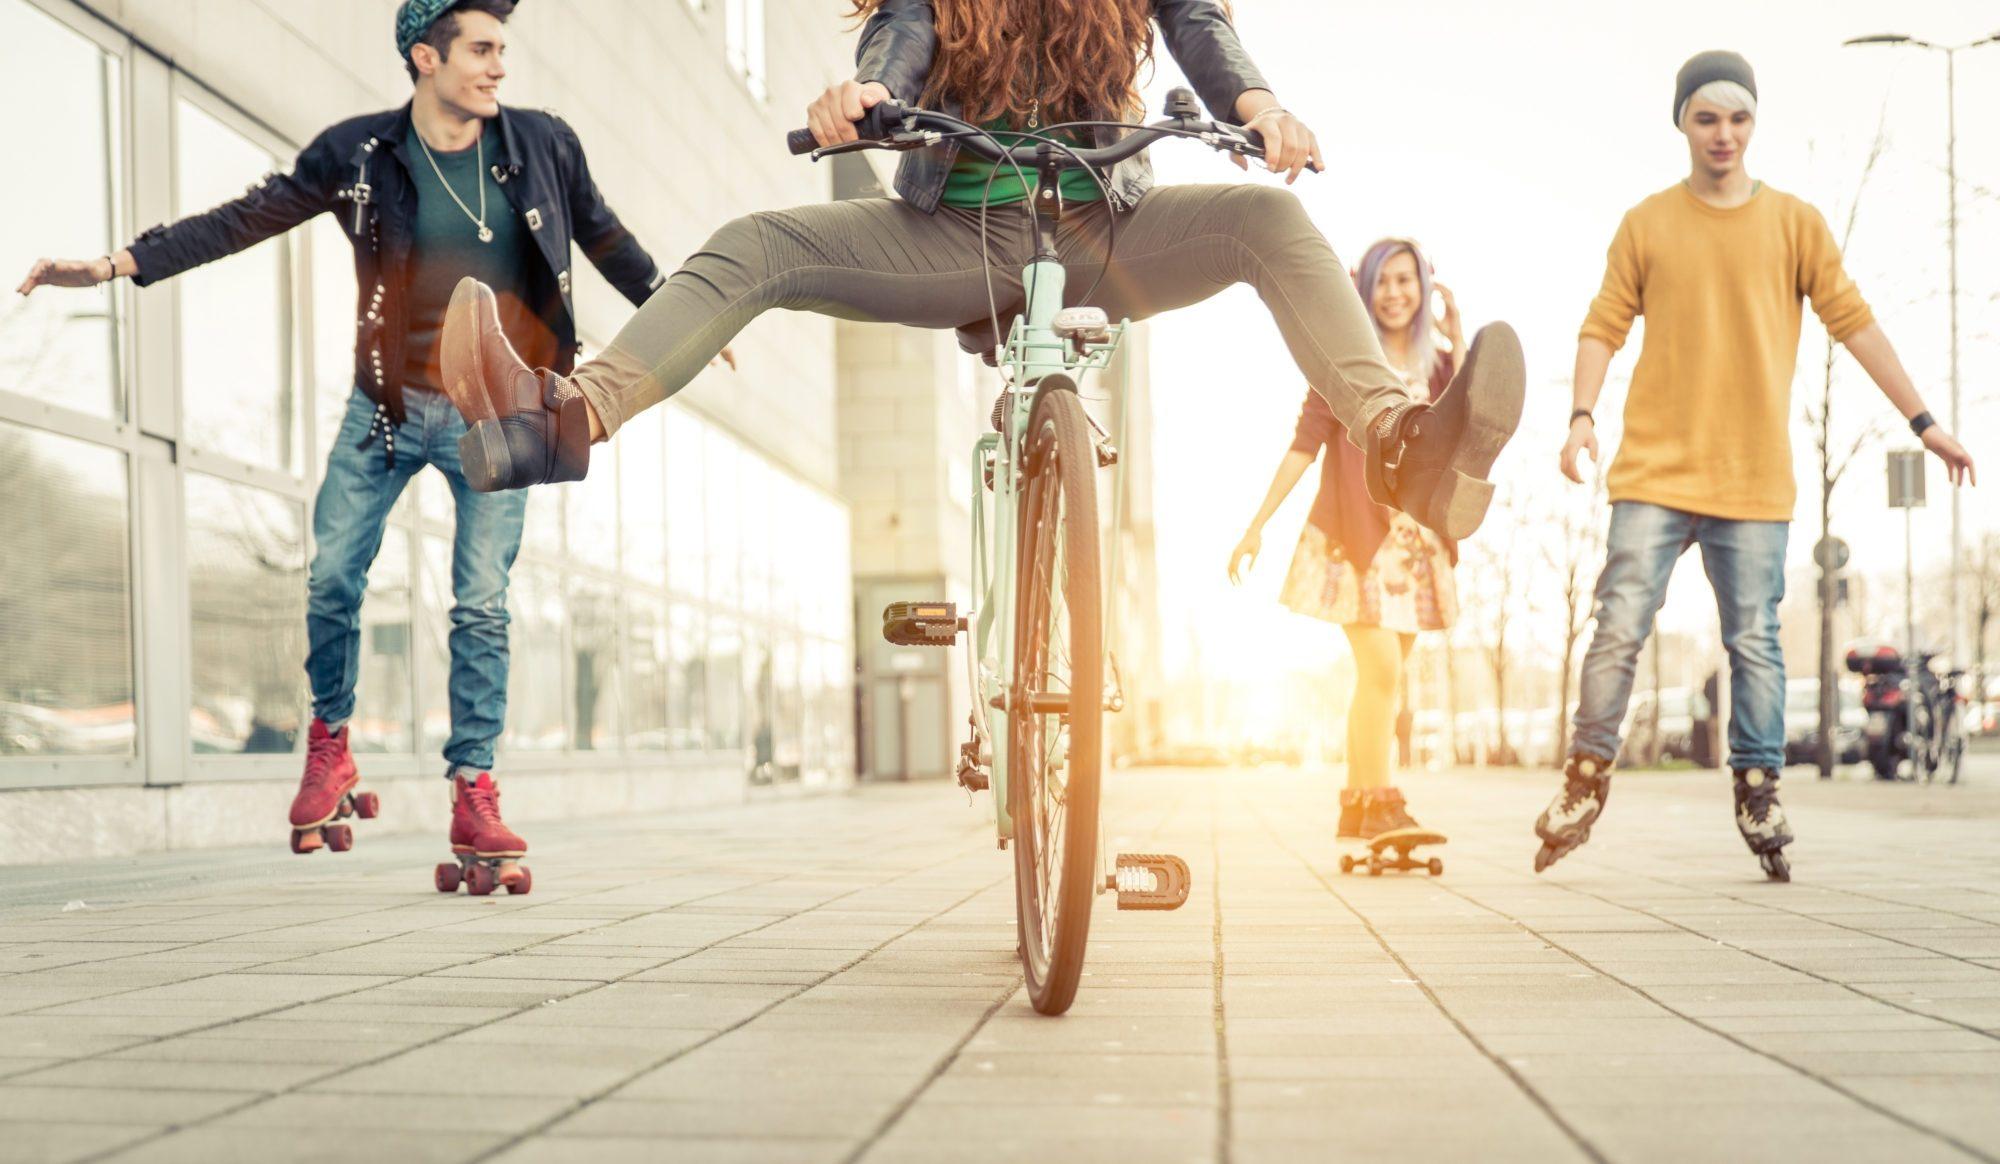 Skating Teens